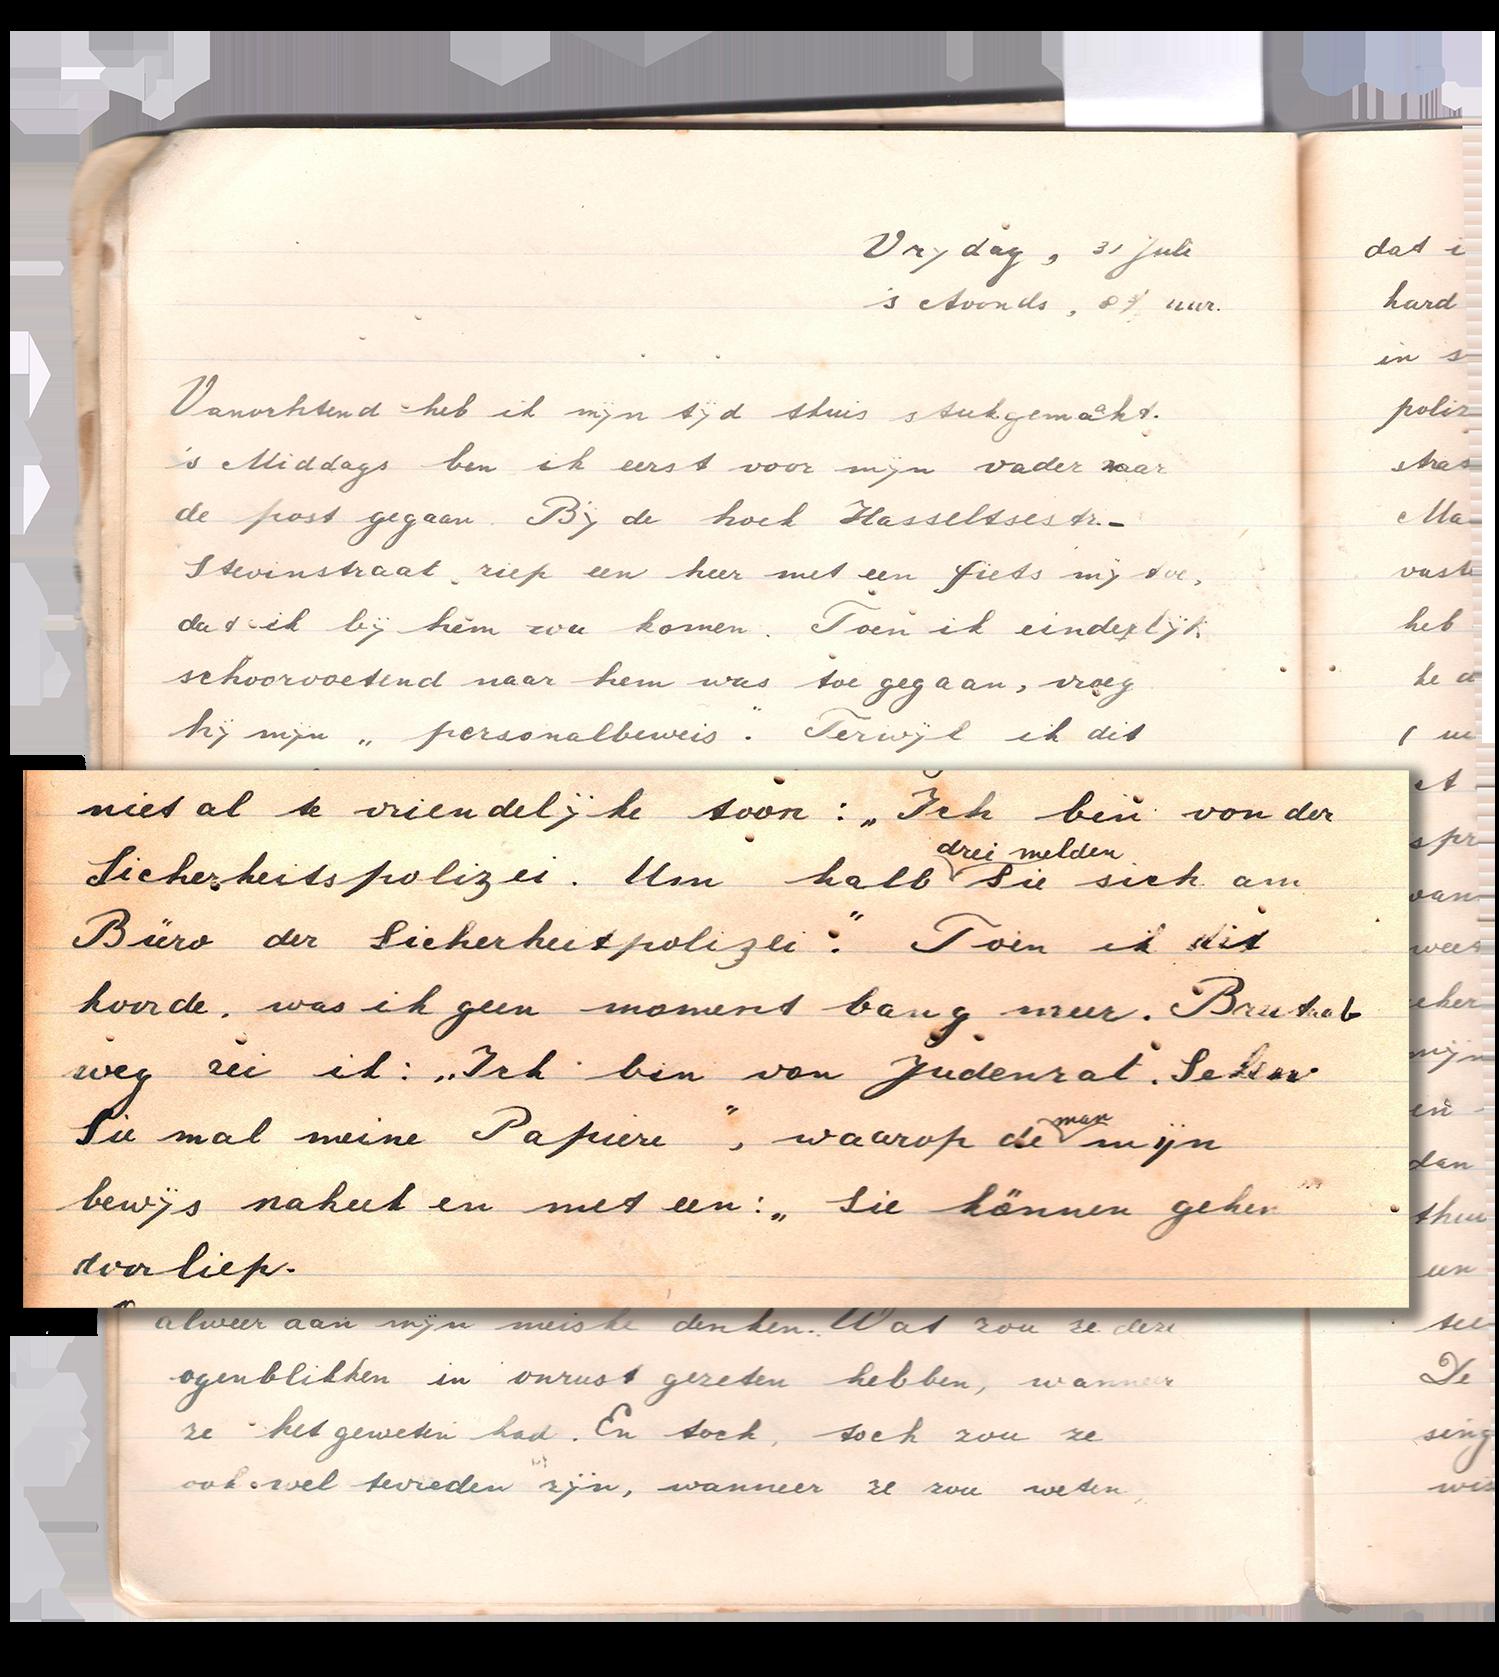 Bernie's dagboek 31 juli 1942